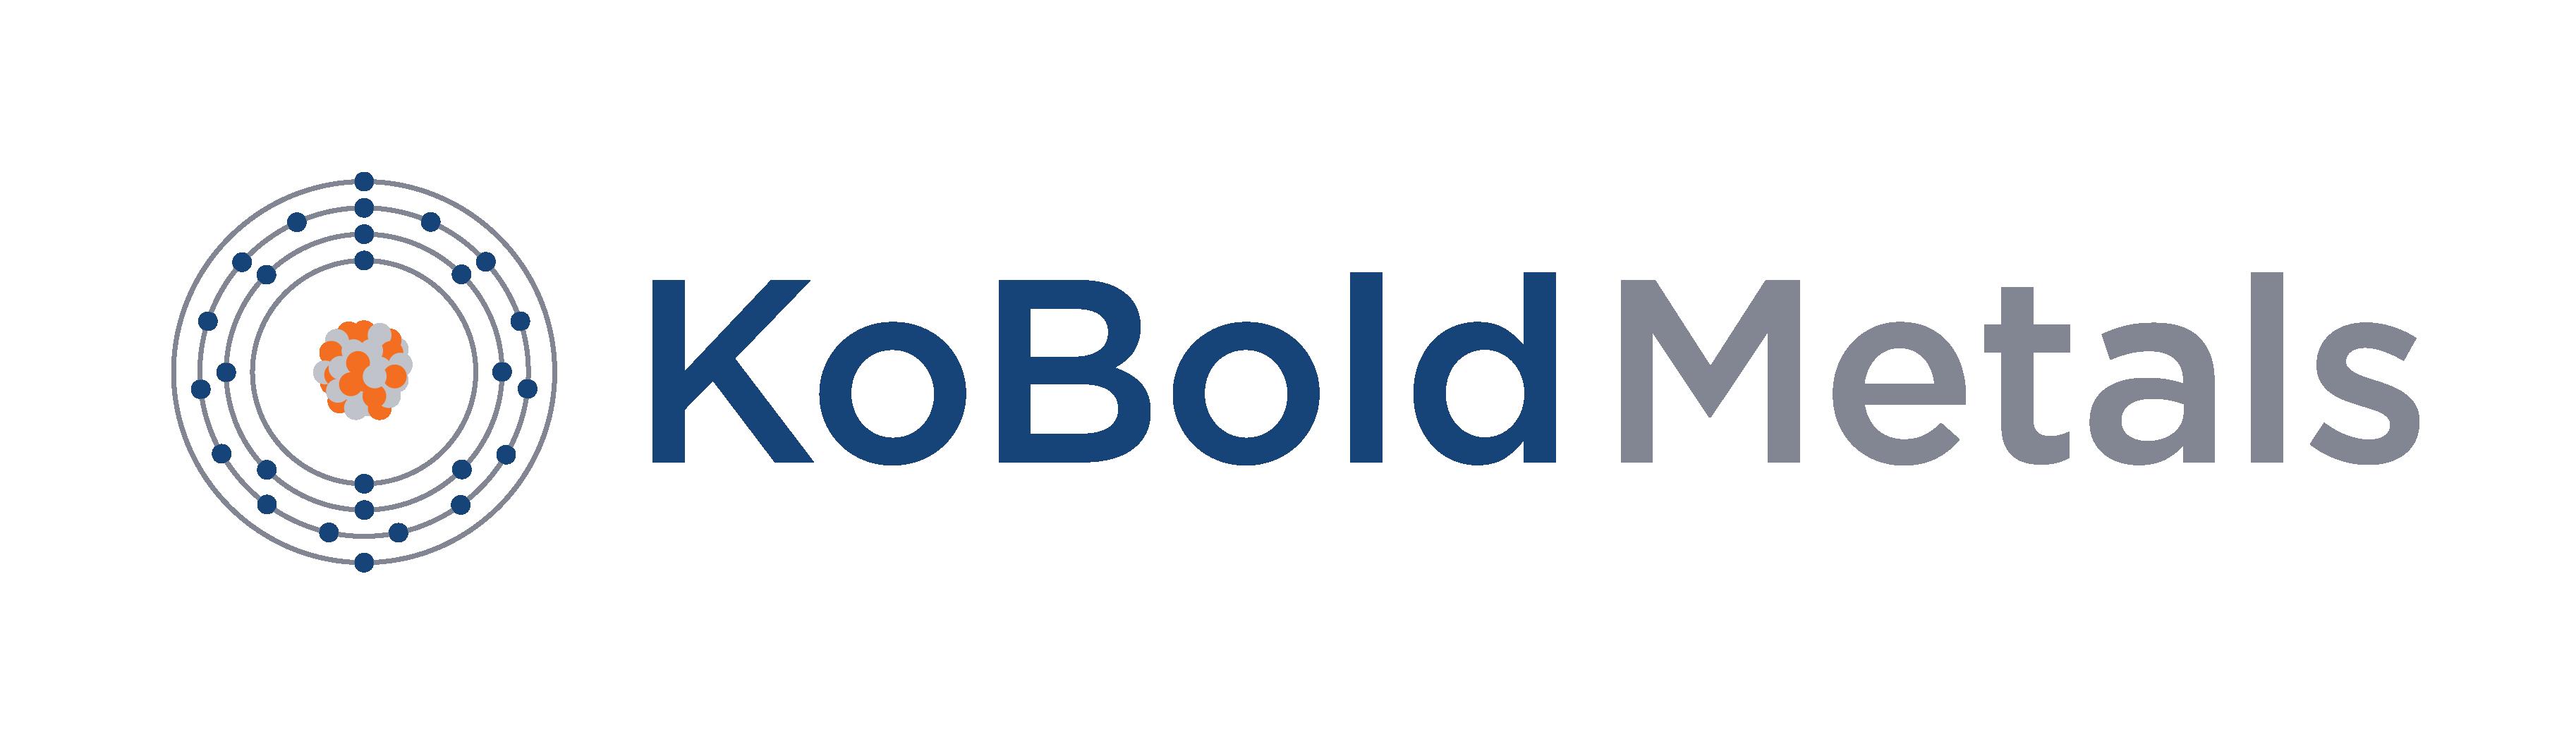 Careers - KoBold Metals